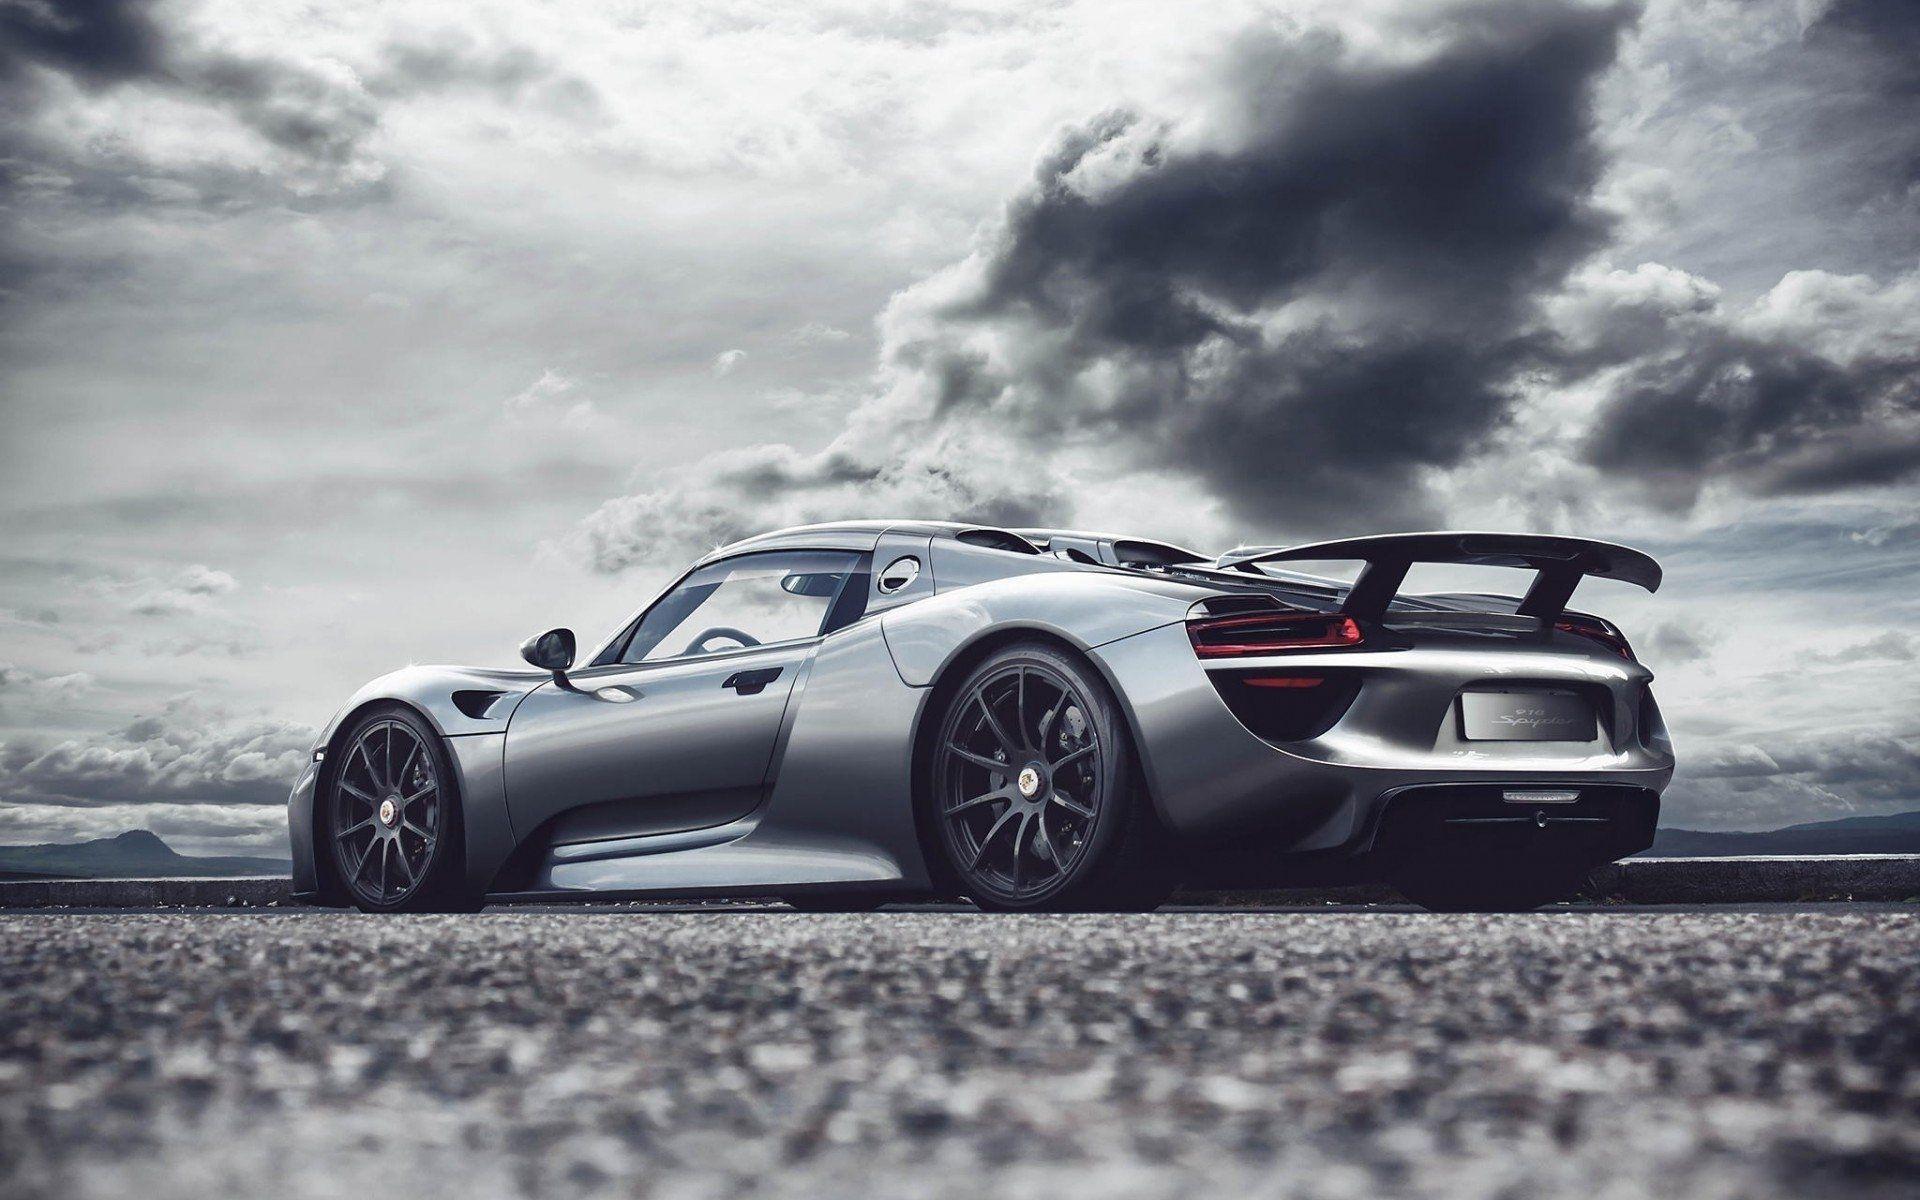 Porsche Spyder Wallpapers Top Free Porsche Spyder Backgrounds Wallpaperaccess